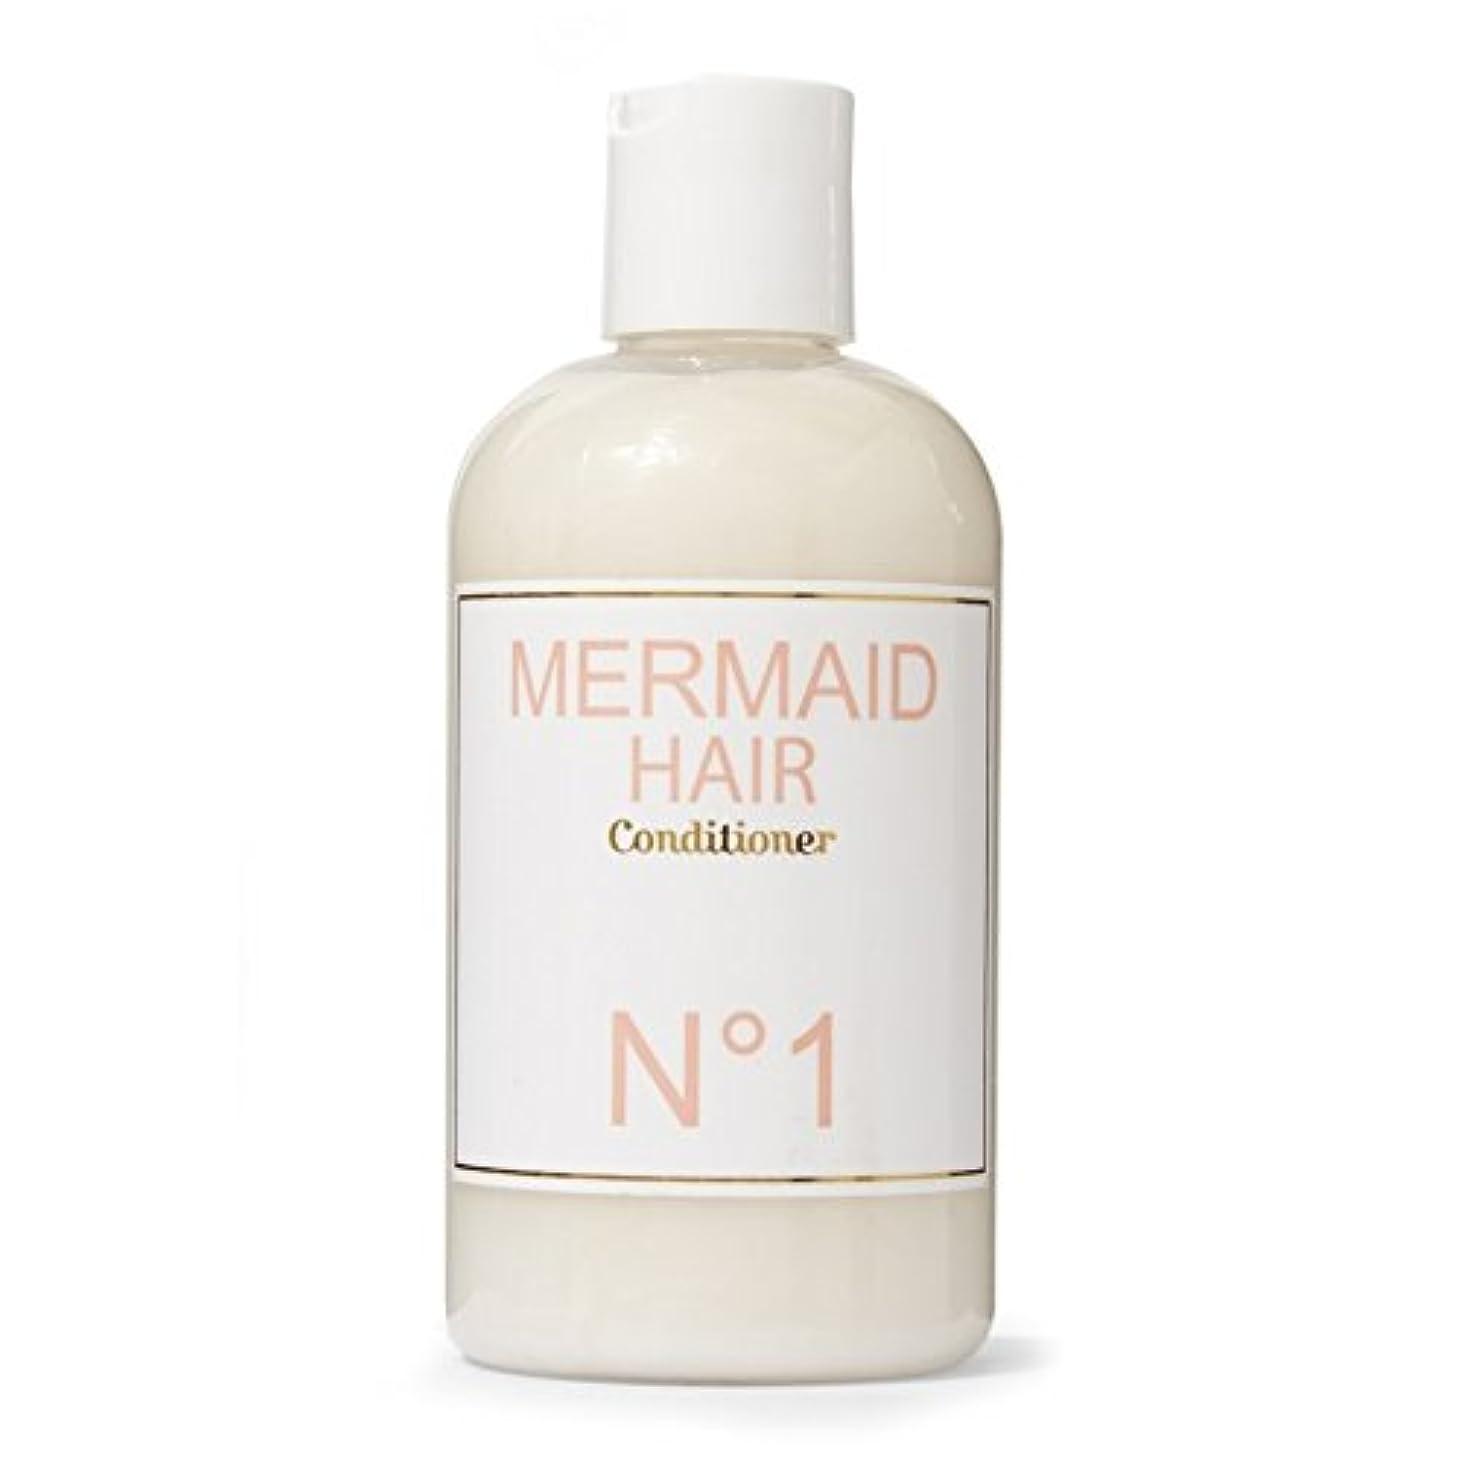 時期尚早食物再現するMermaid Perfume Mermaid Conditioner 300ml (Pack of 6) - 人魚香水人魚コンディショナー300ミリリットル x6 [並行輸入品]